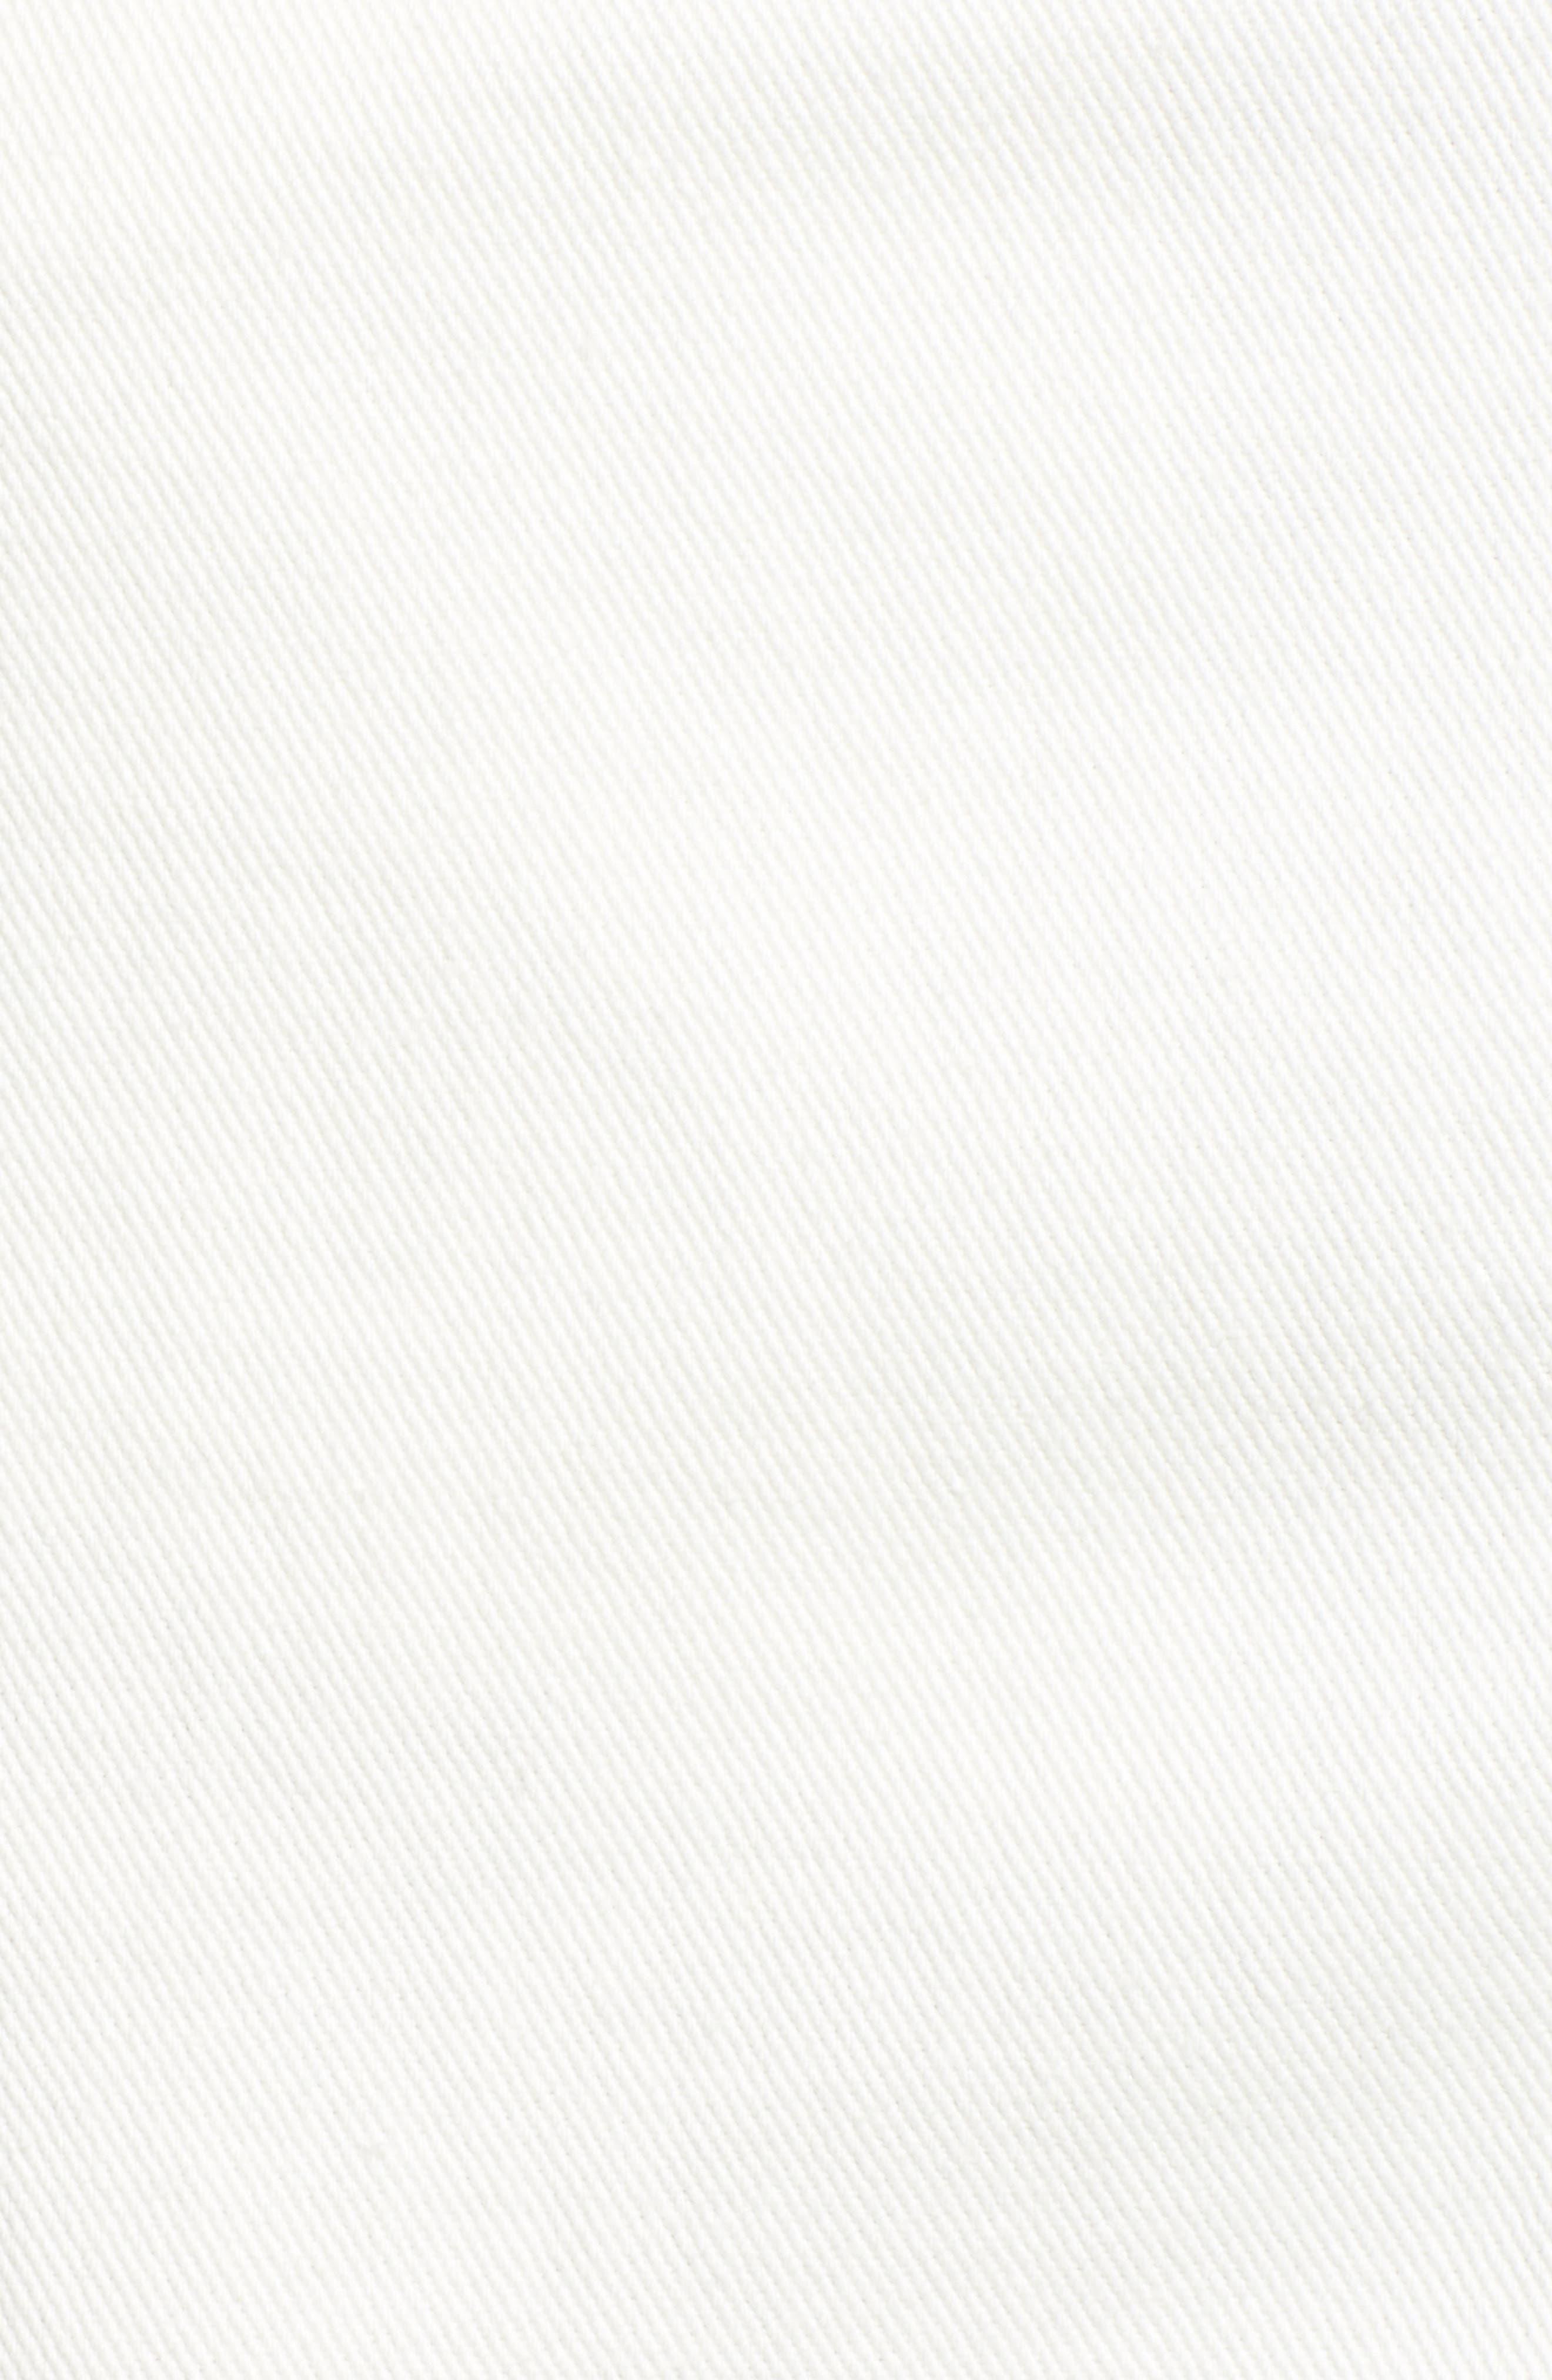 Shimmering Bays Ripped Denim Skirt,                             Alternate thumbnail 6, color,